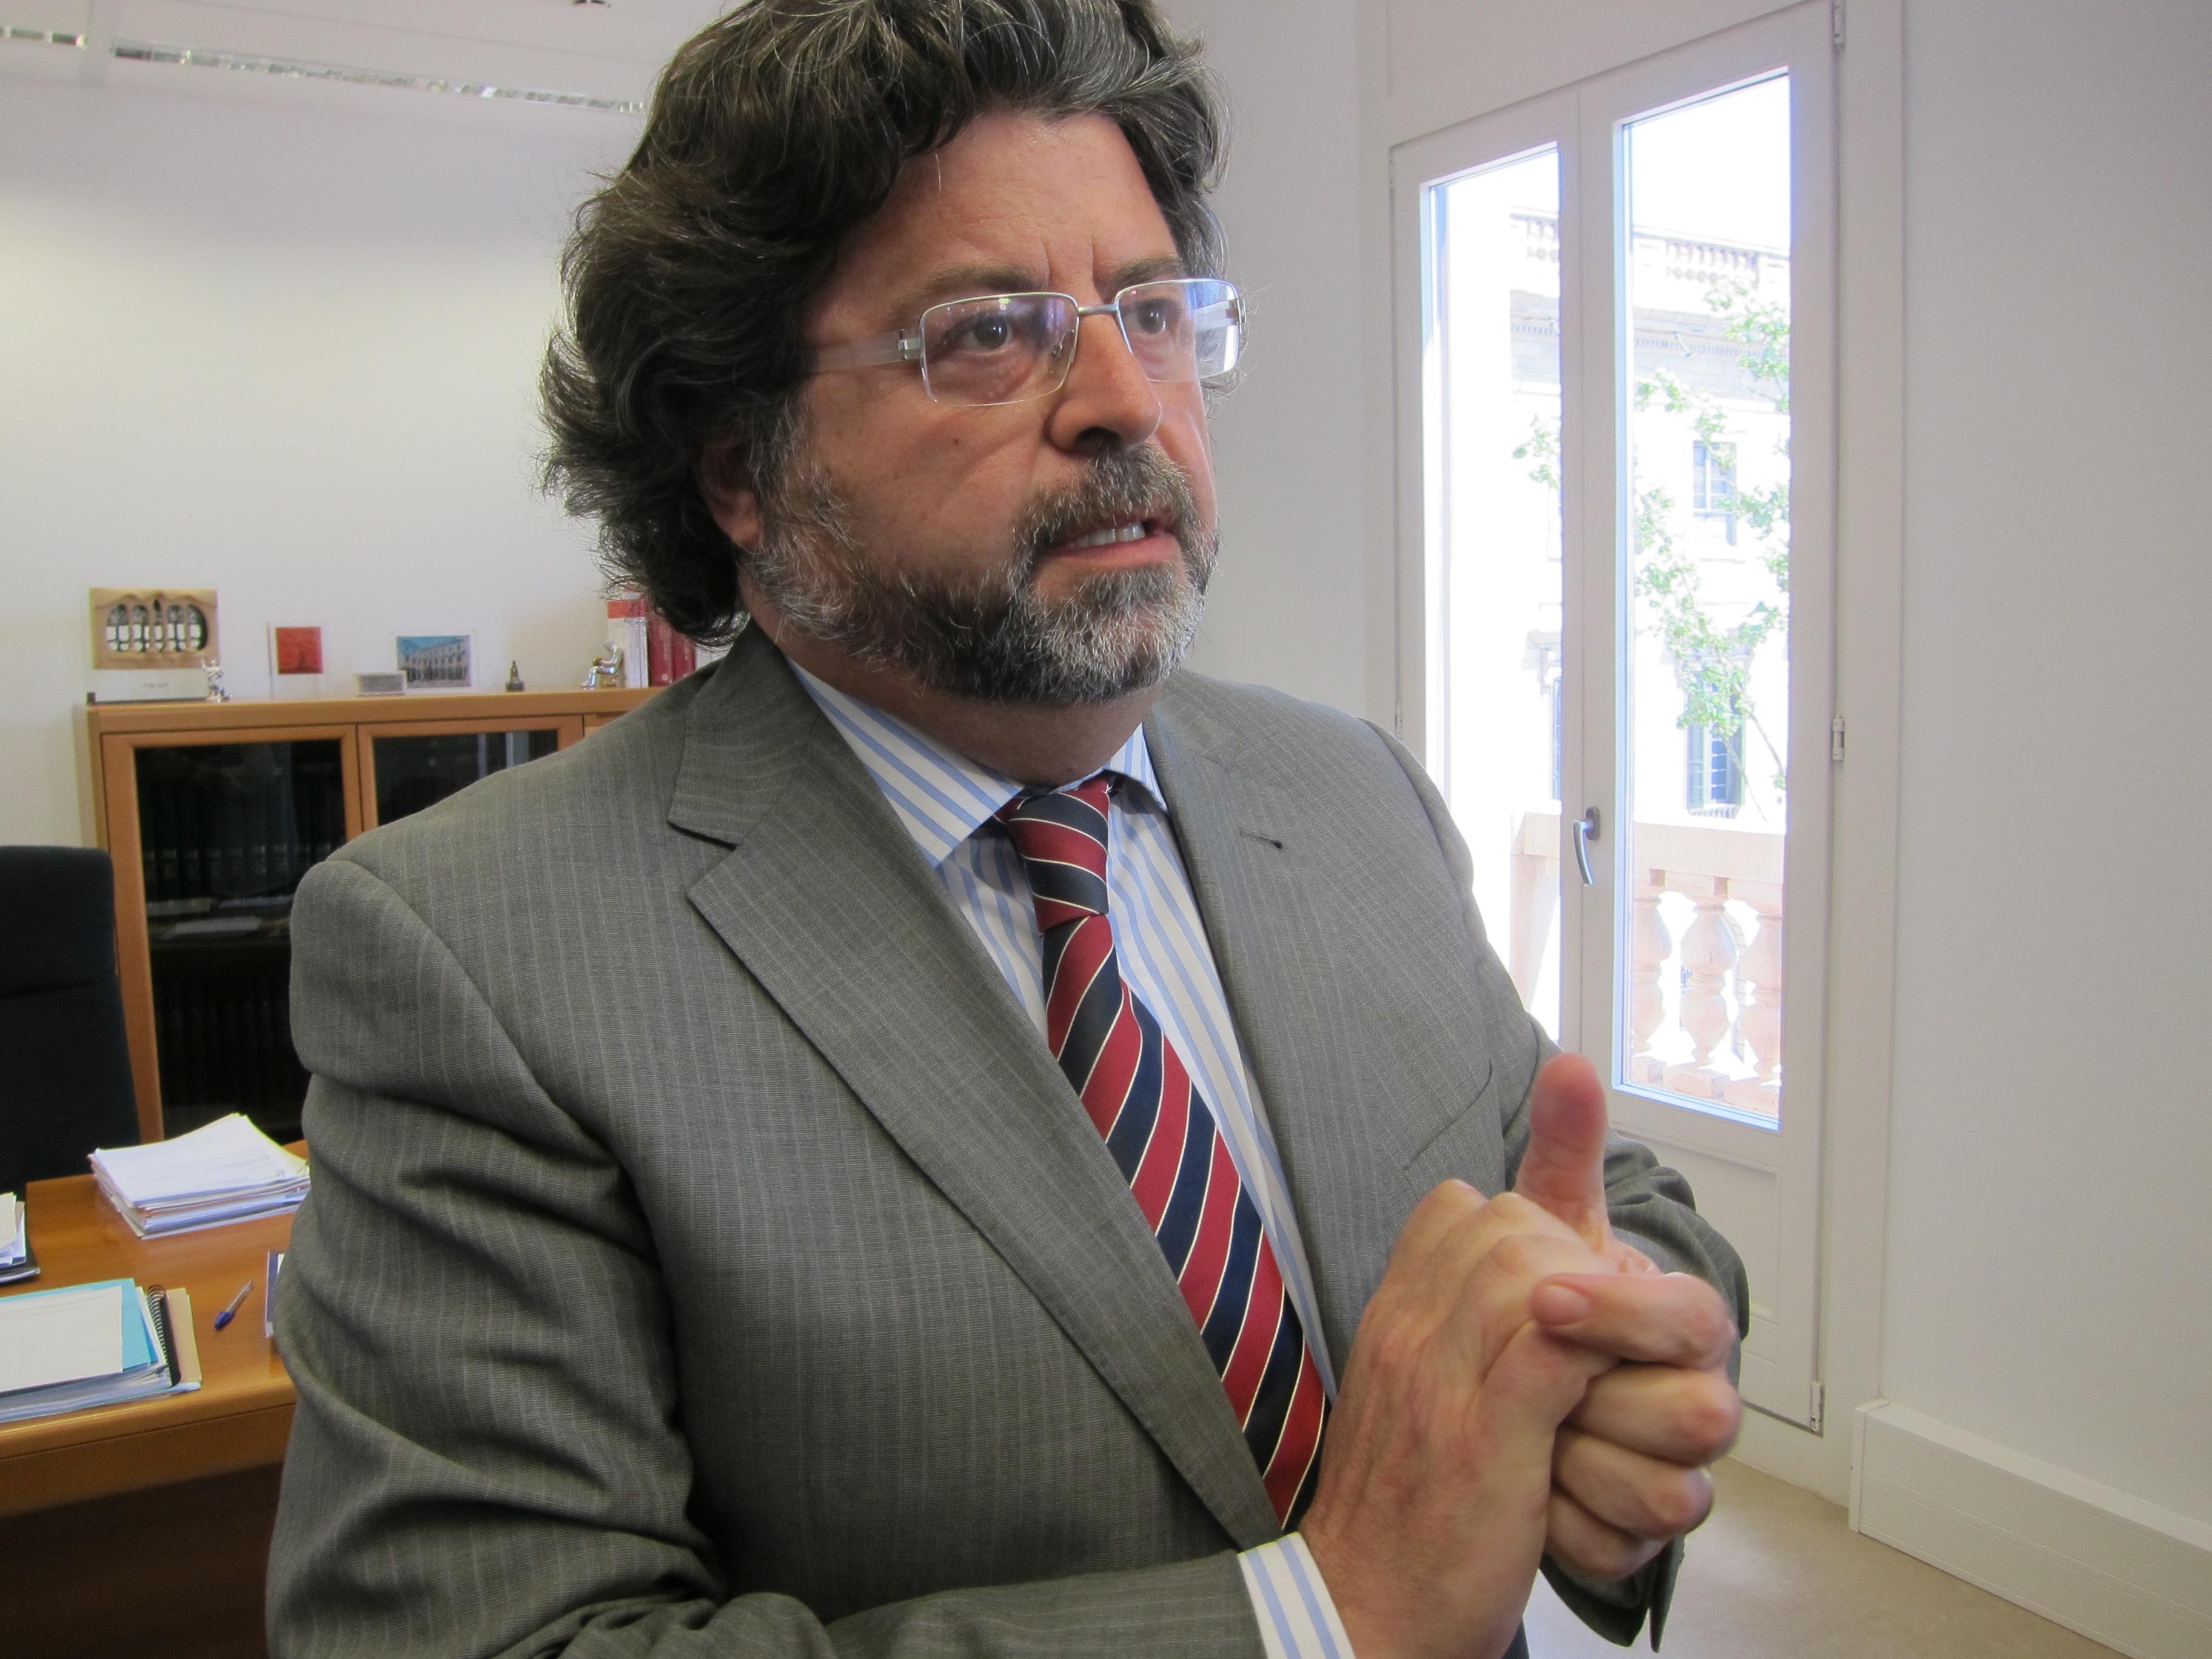 Castellà admite «tensiones» con la UAB por el recorte pero dice que la relación es buena